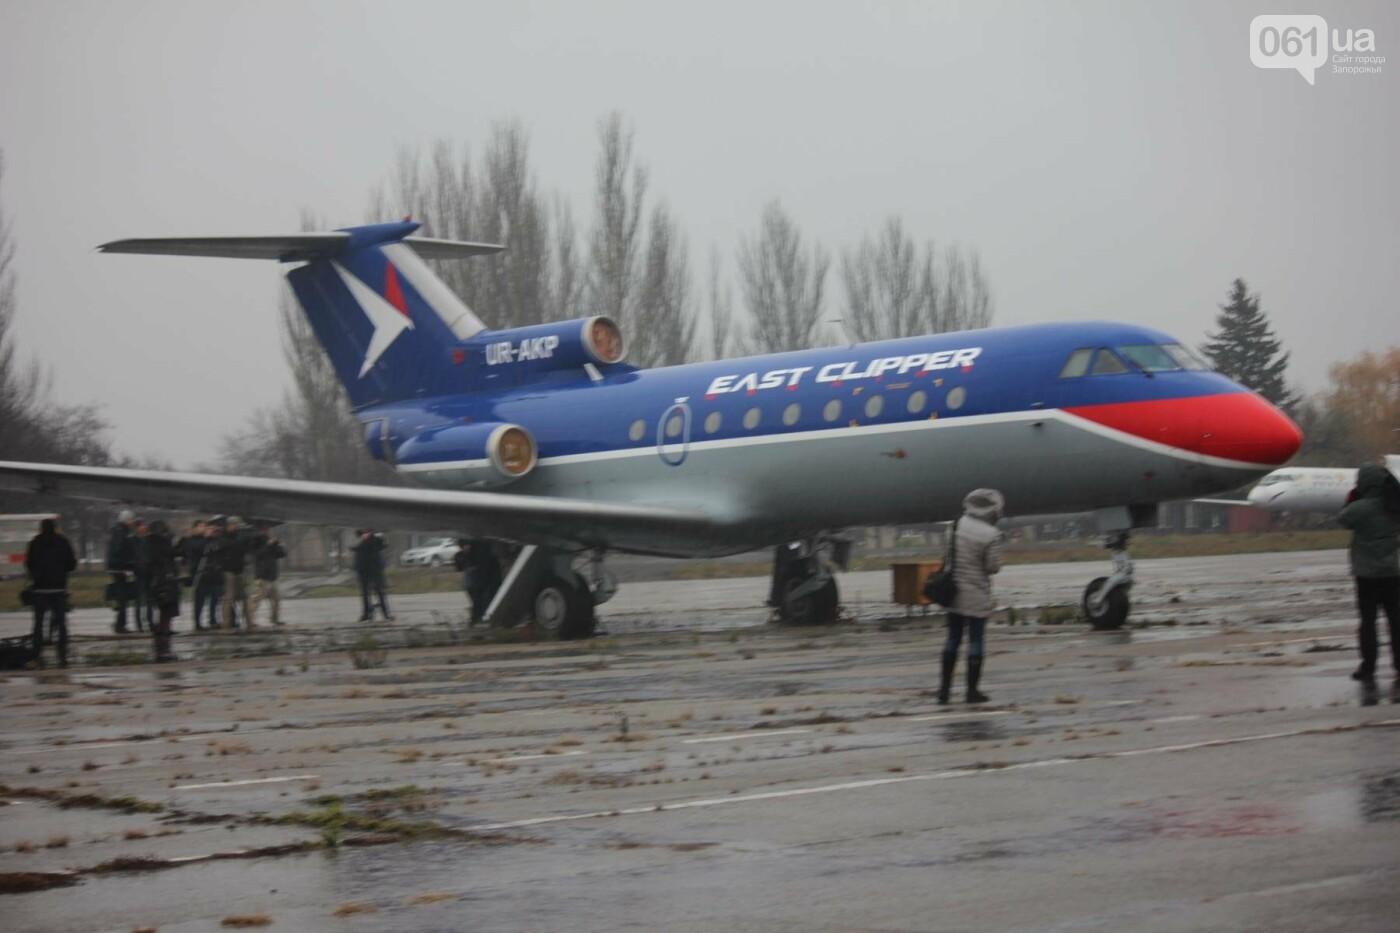 В Запорожье конфискованный самолет ЯК-40 отдали для обучения студентов летной академии, — ФОТОРЕПОРТАЖ, фото-1